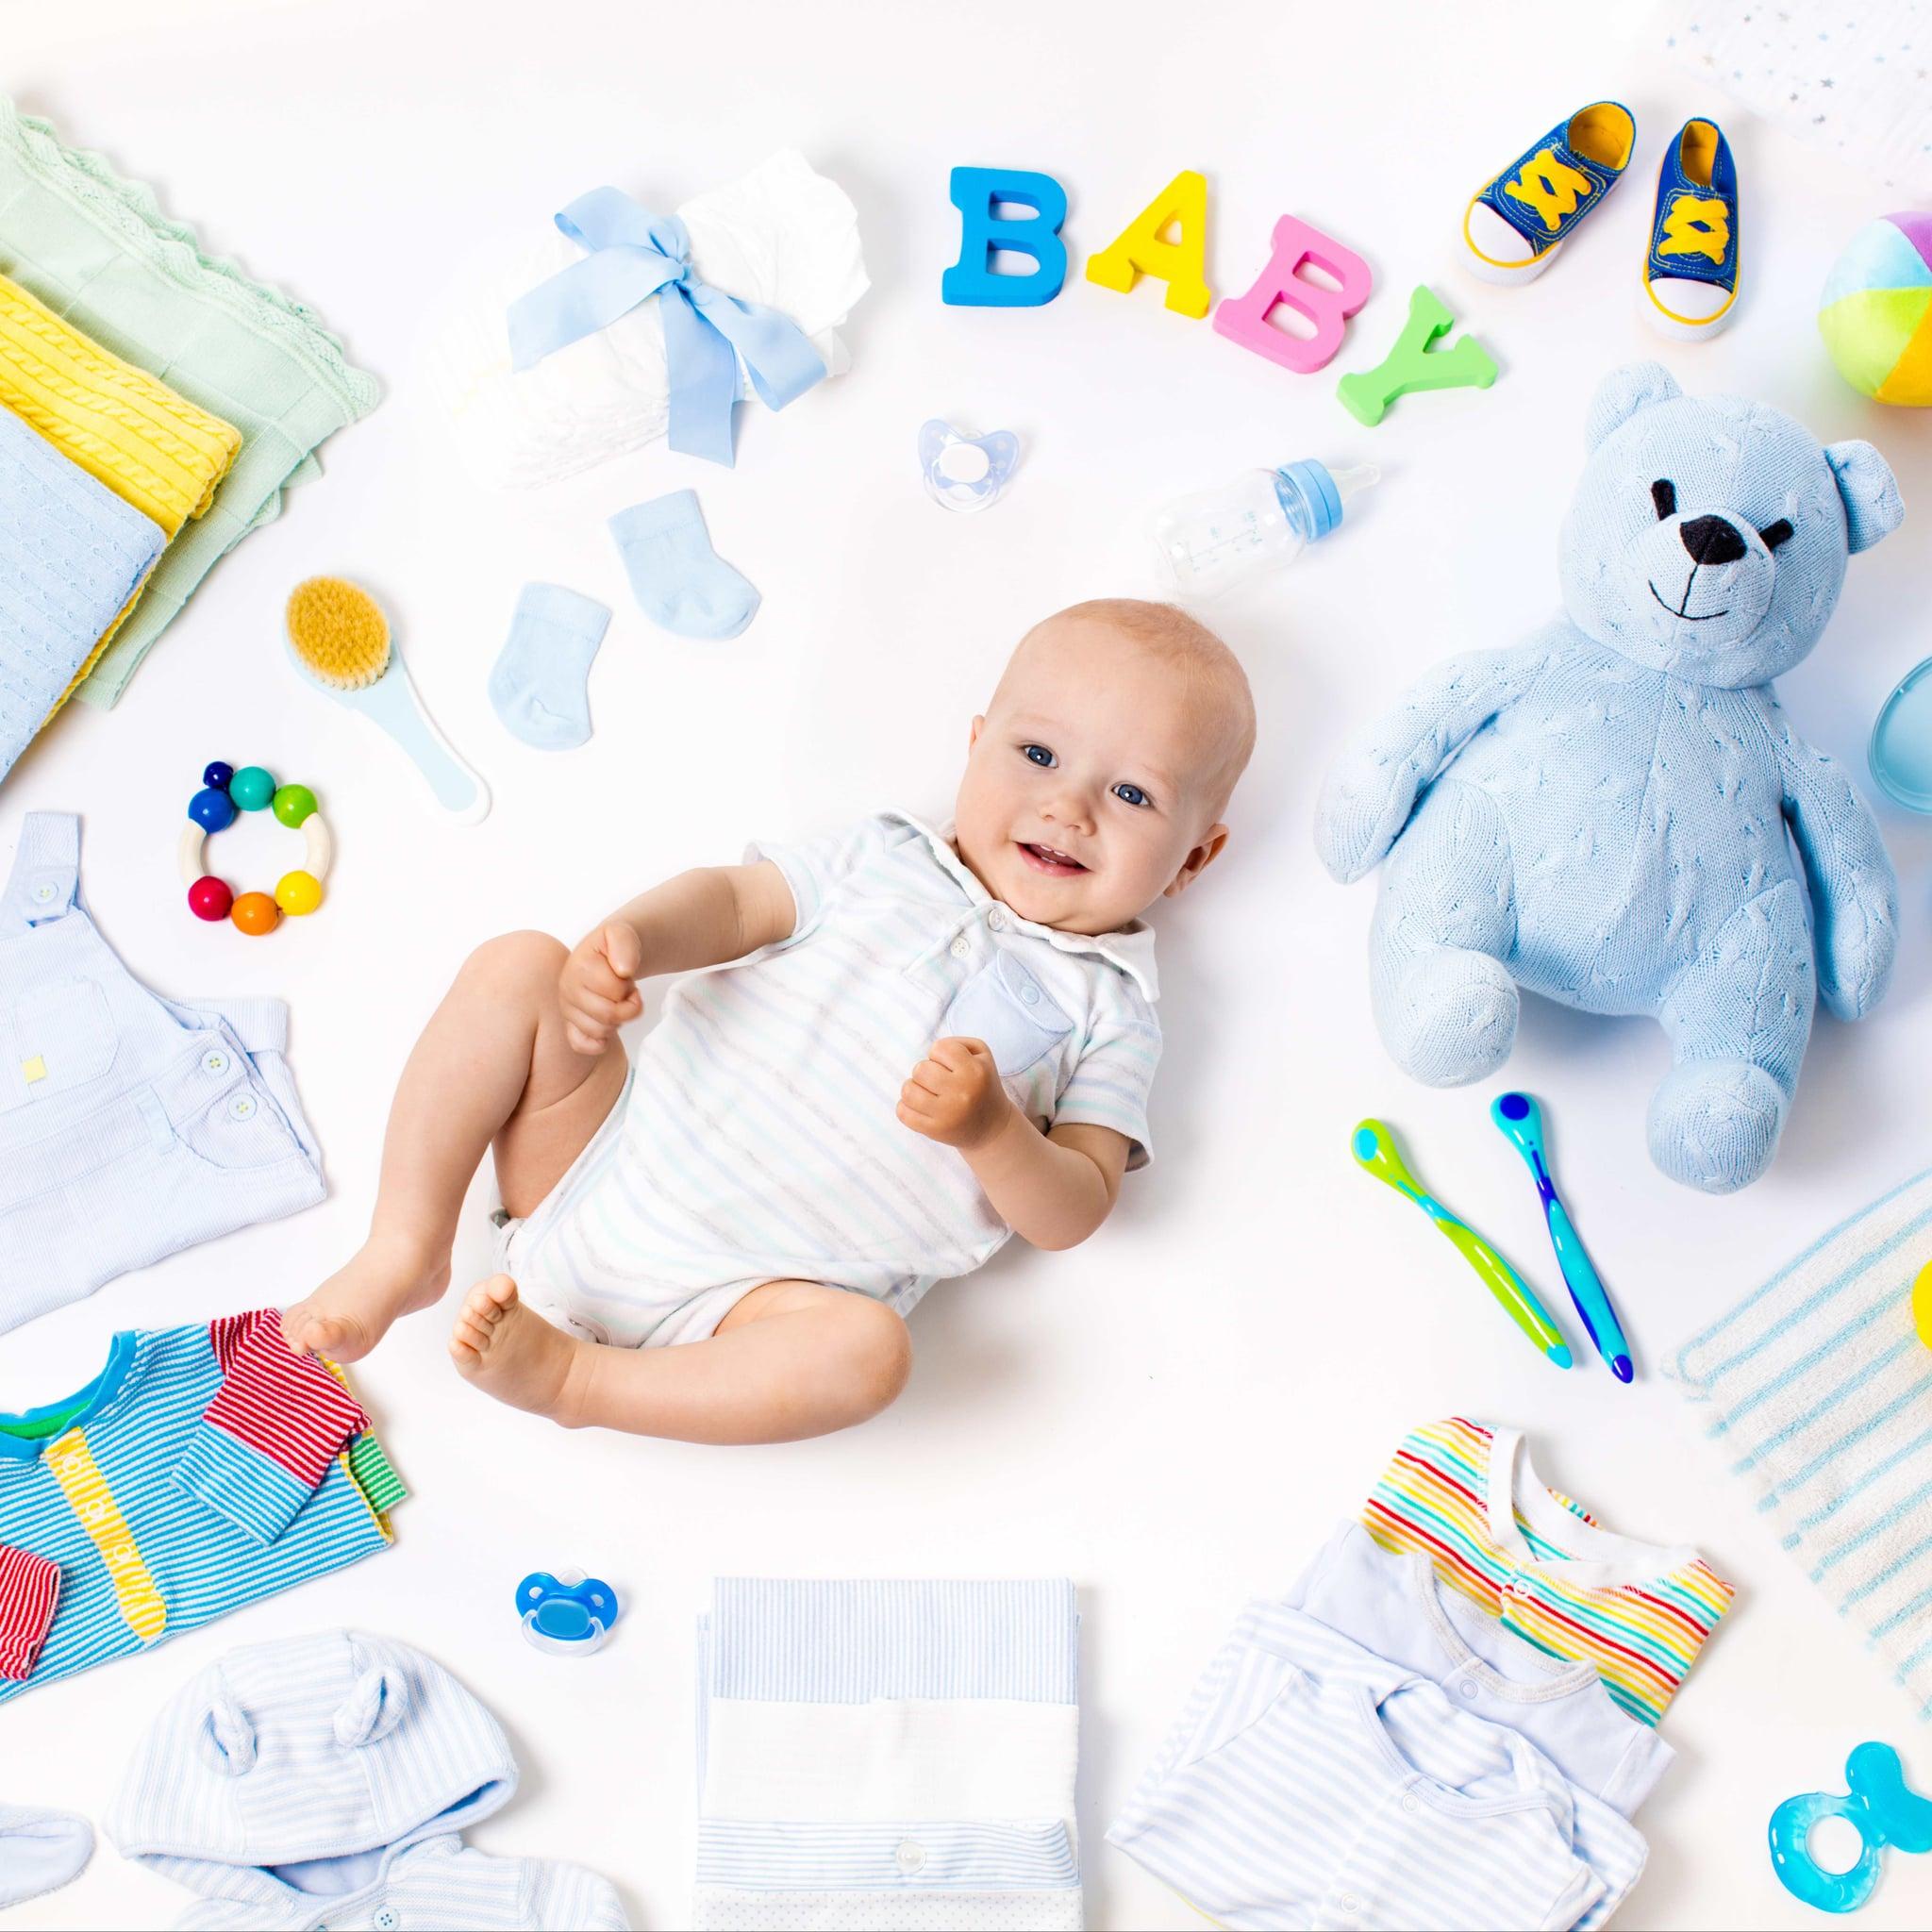 Millennial Mom Baby Registry Gifts | POPSUGAR Family